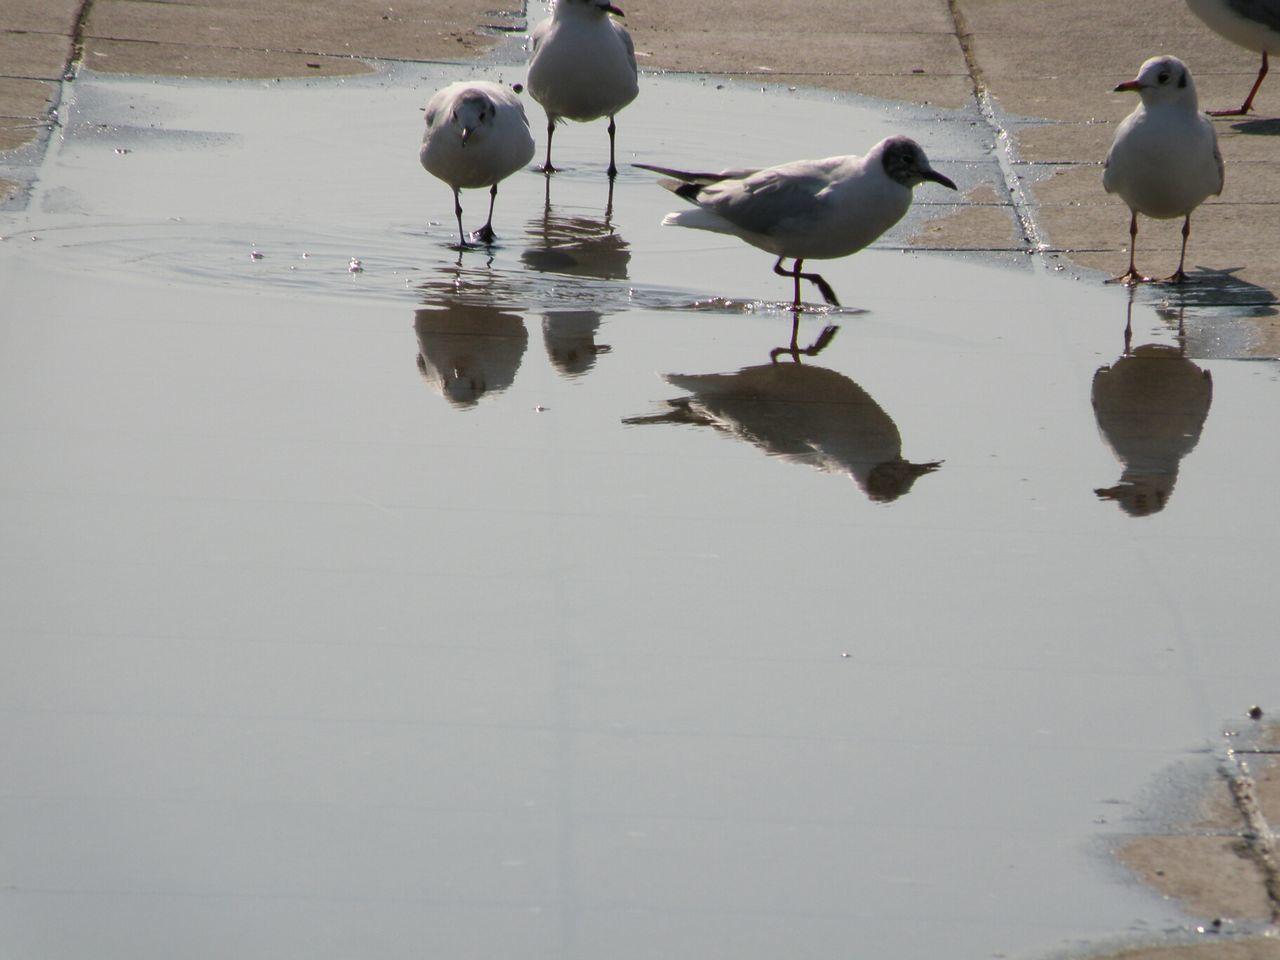 Birds Walking Water Dock Reflections Blue Sky Thessaloniki Greece Hellas